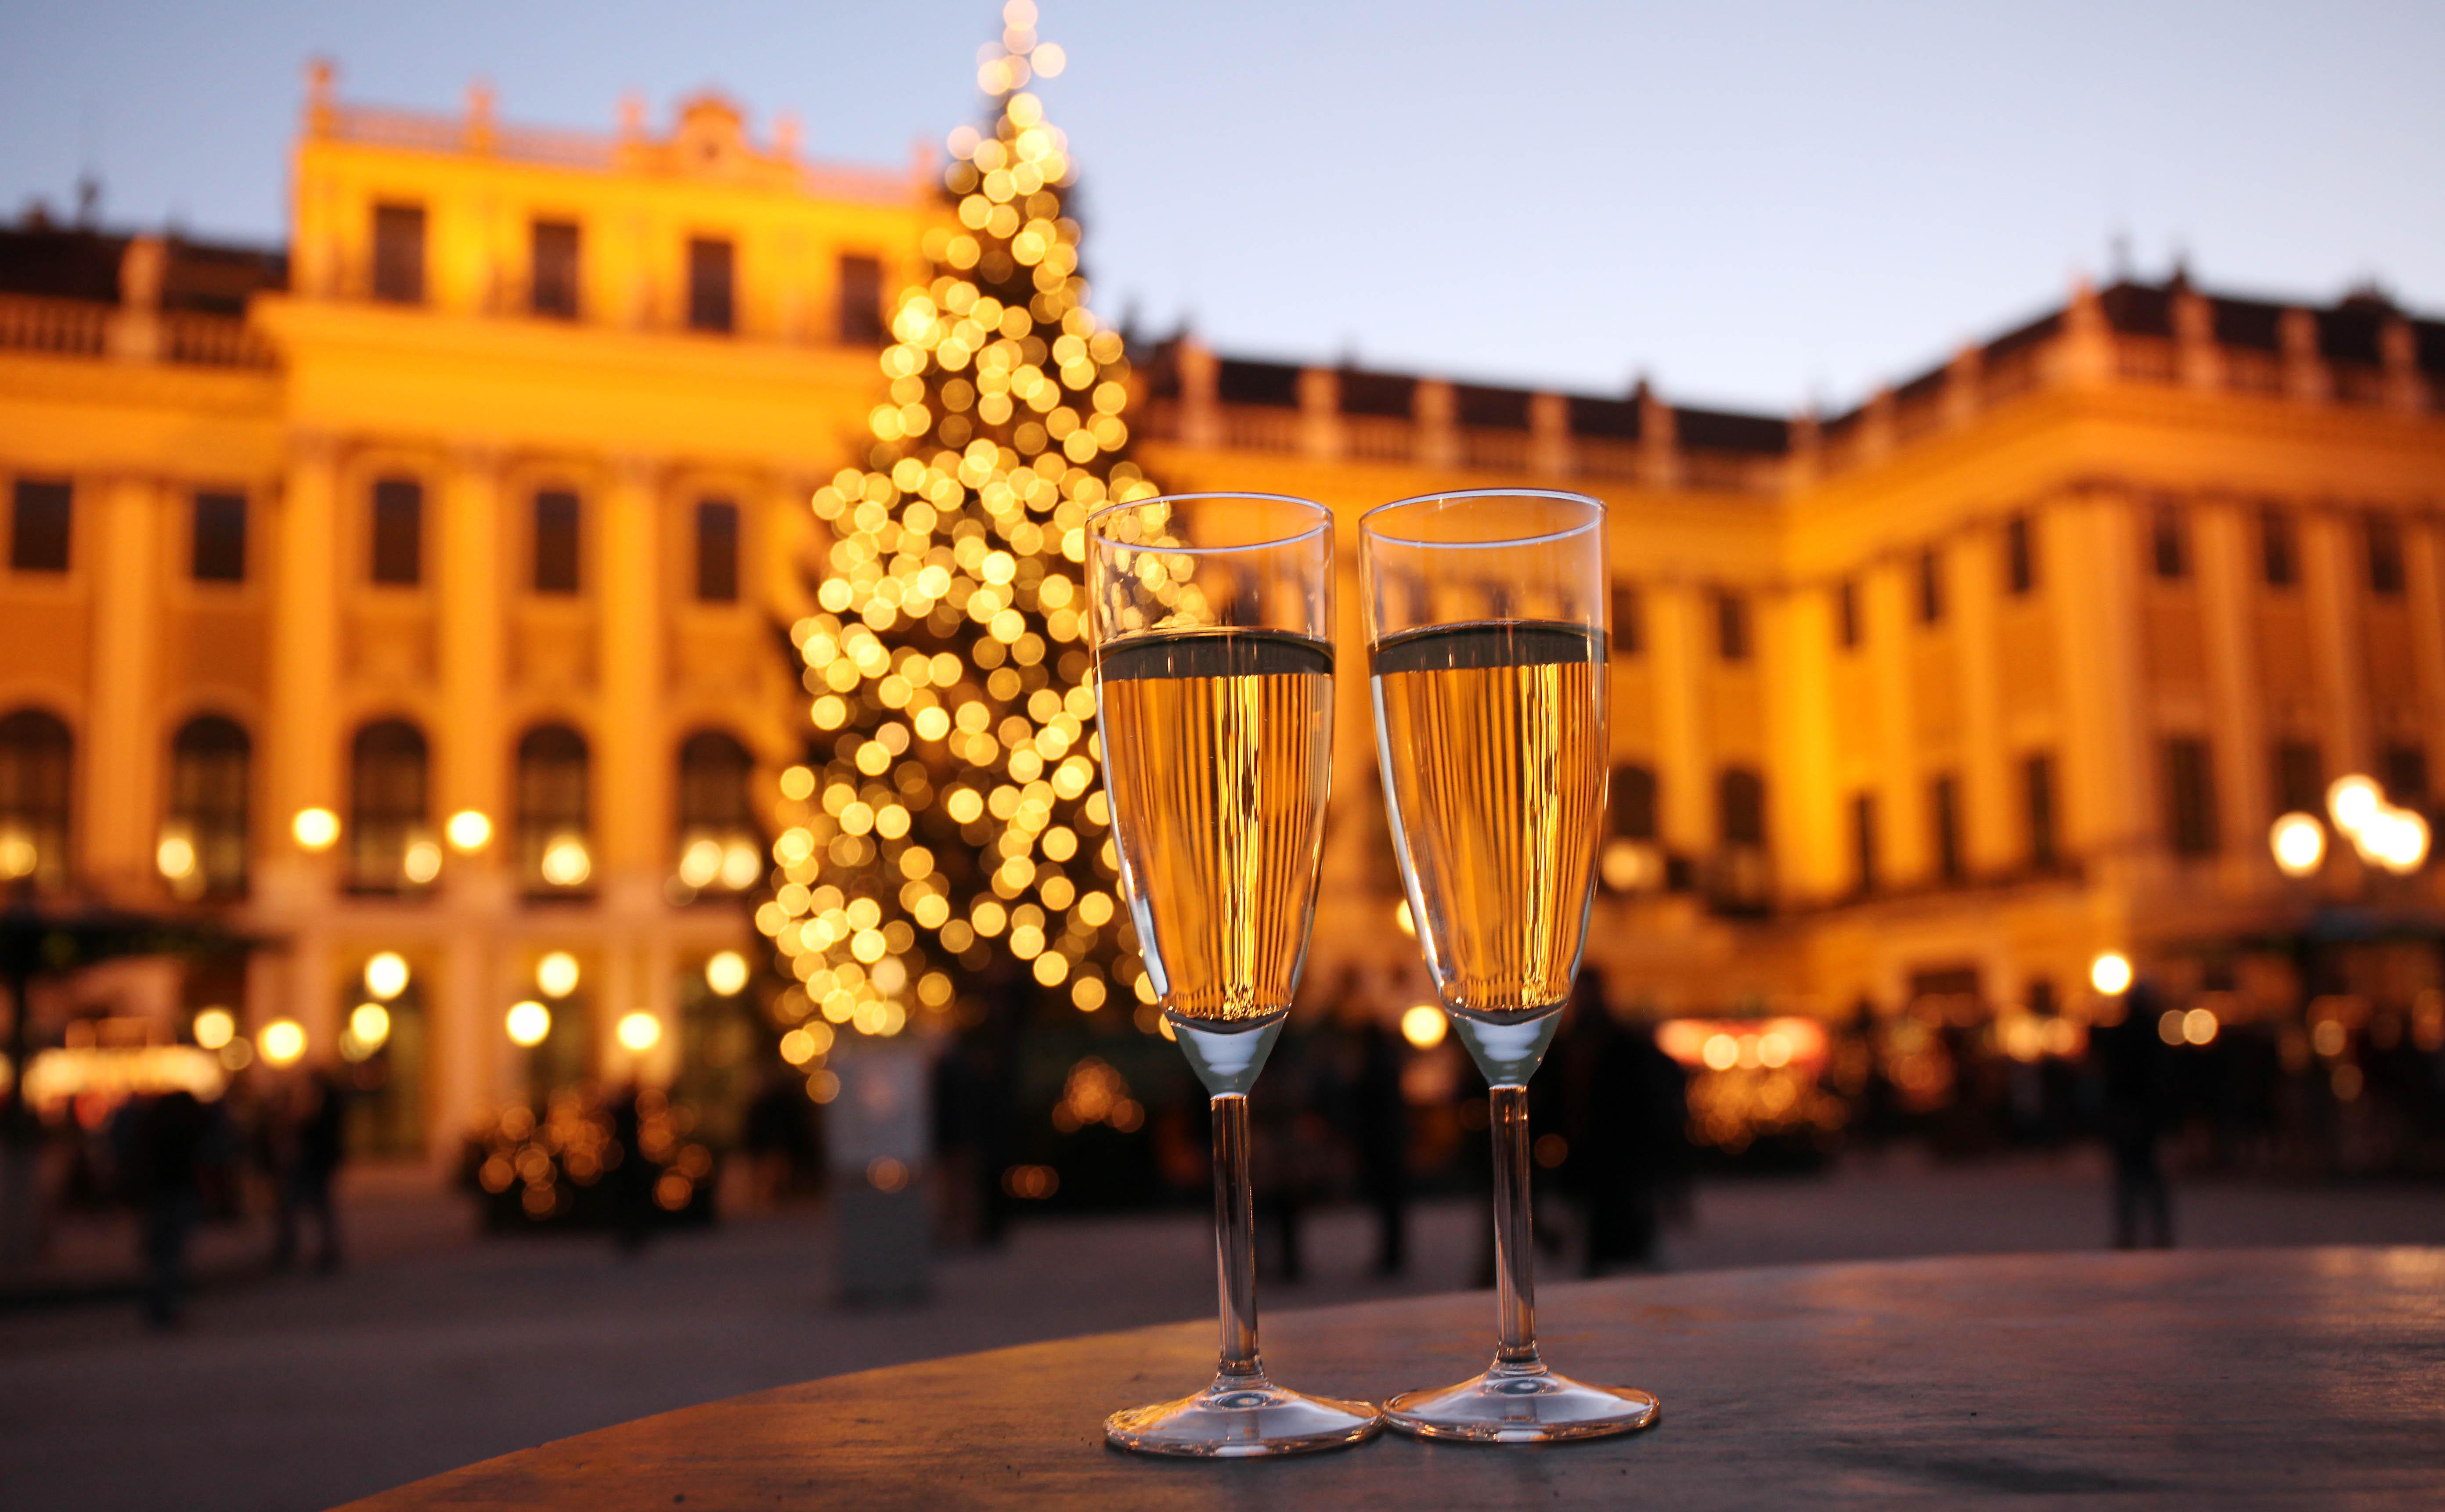 Neujahrsmarkt Schloß Schönbrunn